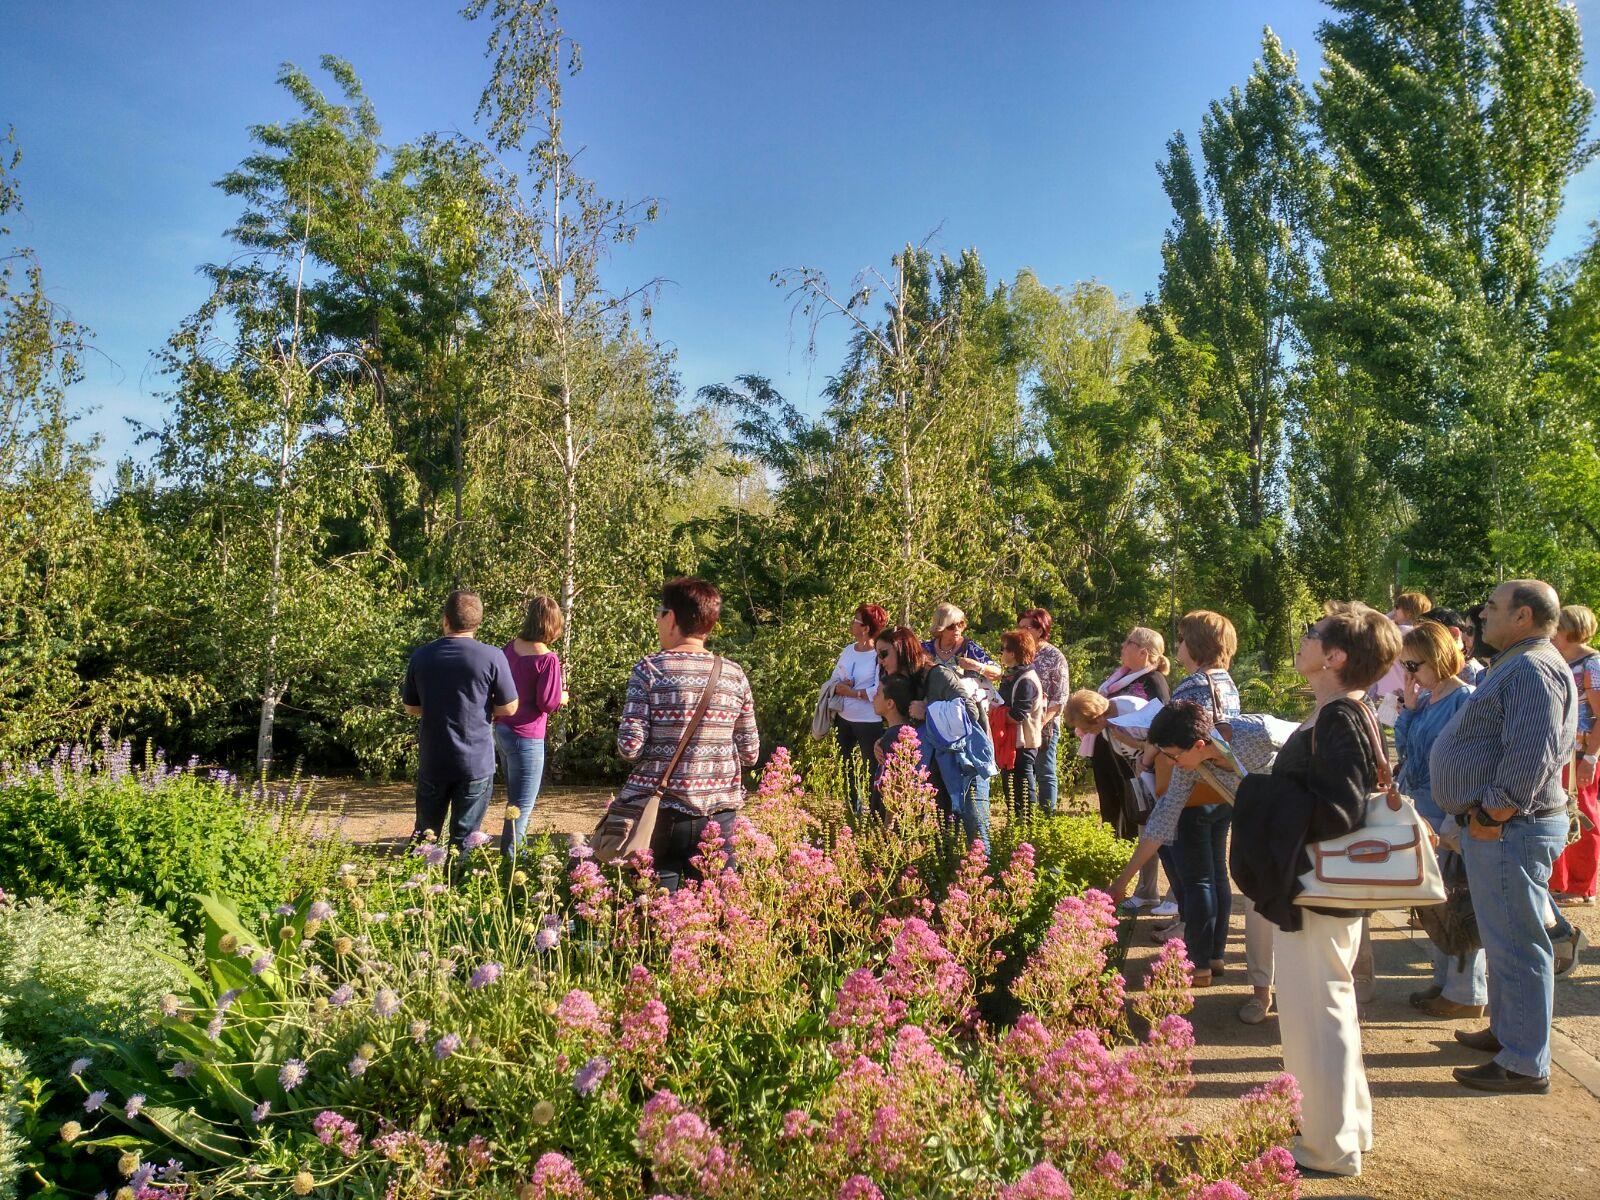 Vuitanta persones celebren la Nit dels Museus a l'Arborètum